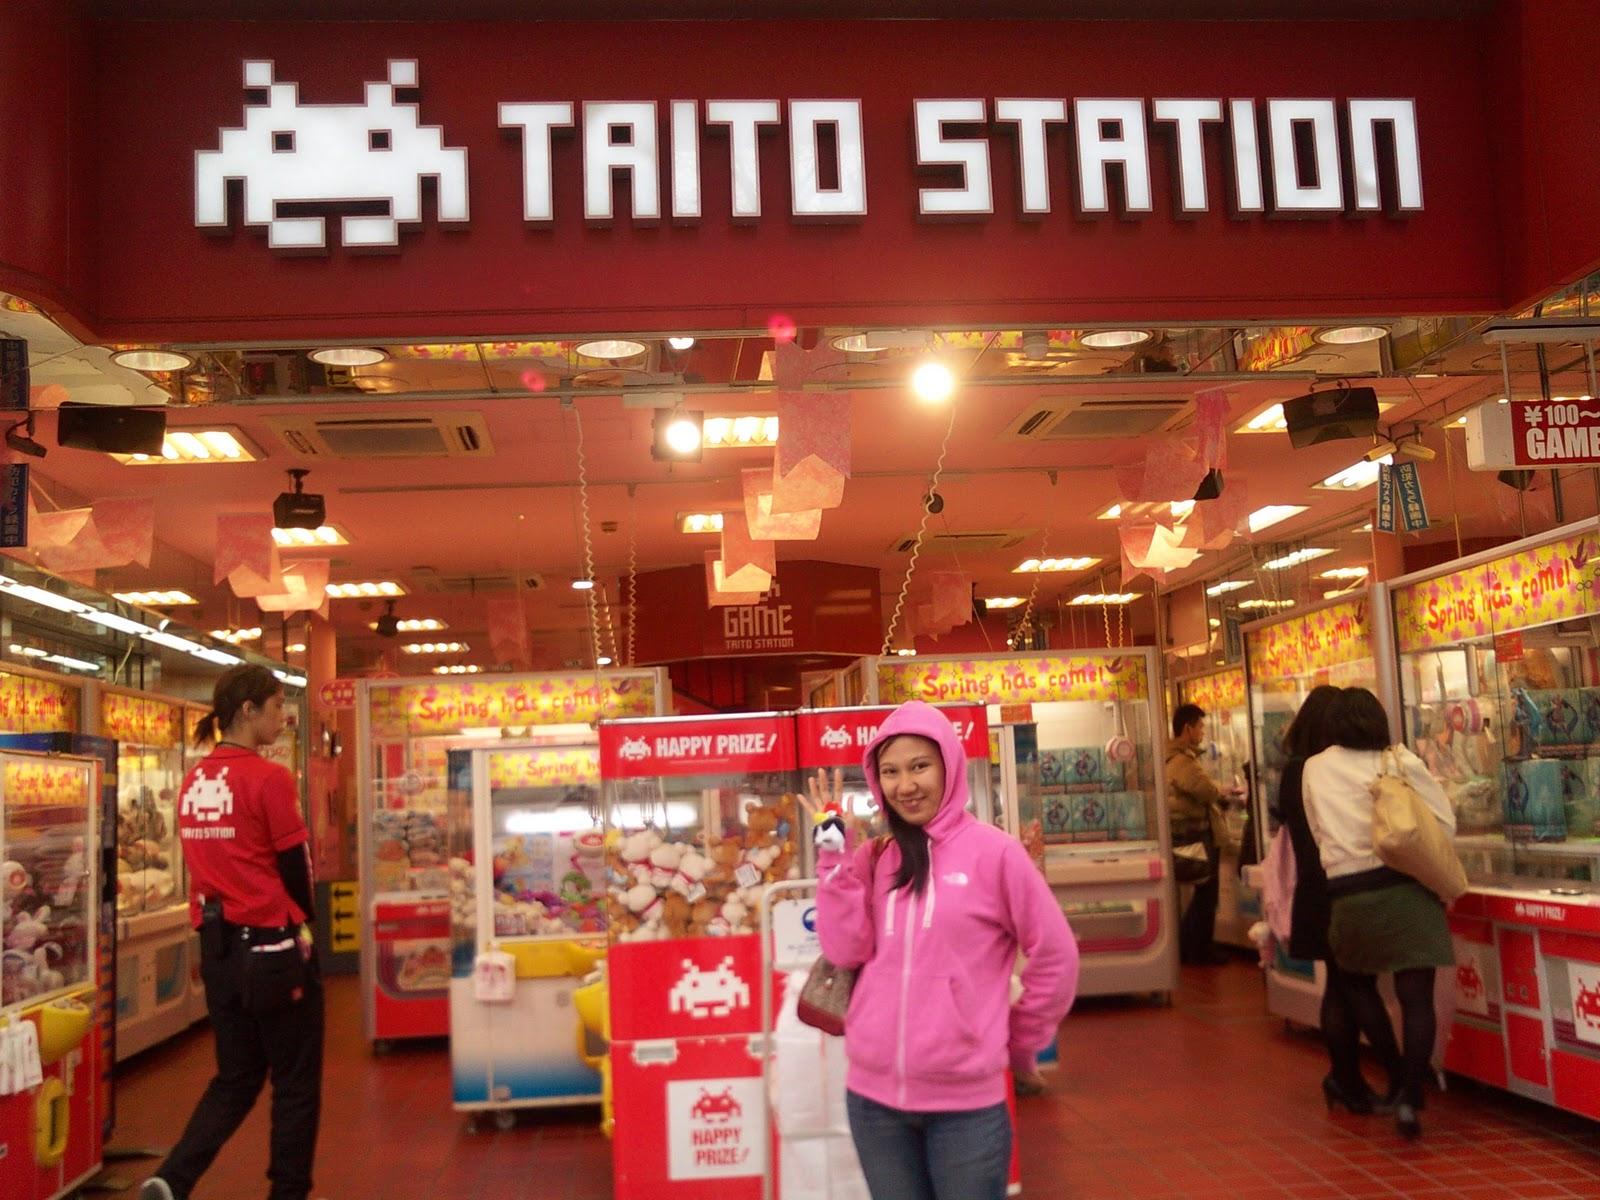 Tokyo Japan Akihabara Station Taito arcade